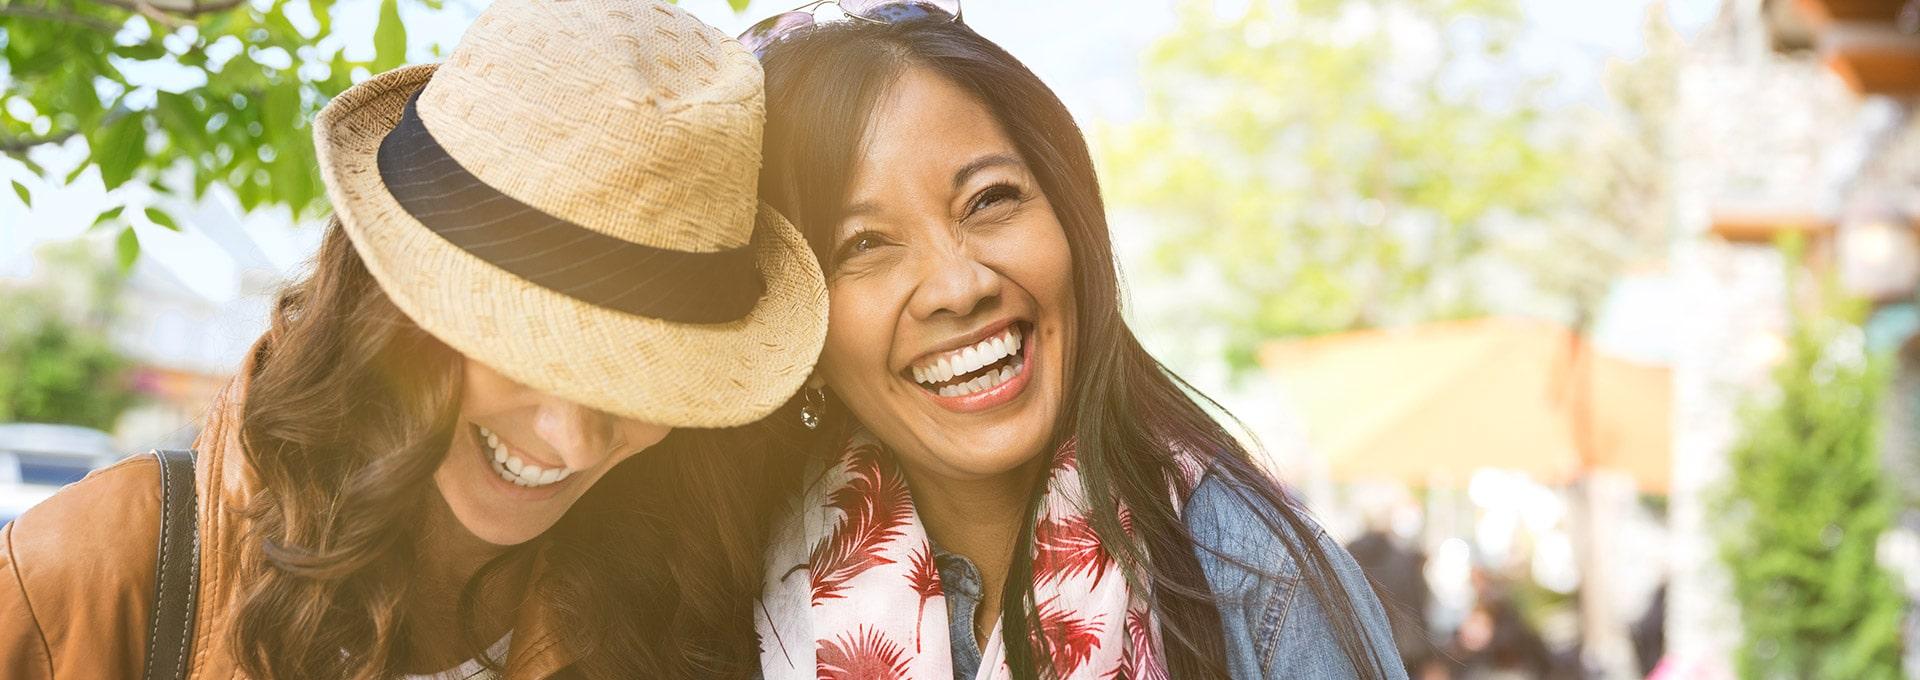 Femmes marchant côte à côté dans la rue et portant un chapeau mais, n'ayant pas de signal de larsen dans leurs aides auditives, grâce au  Dynamic Feedback Canceller.